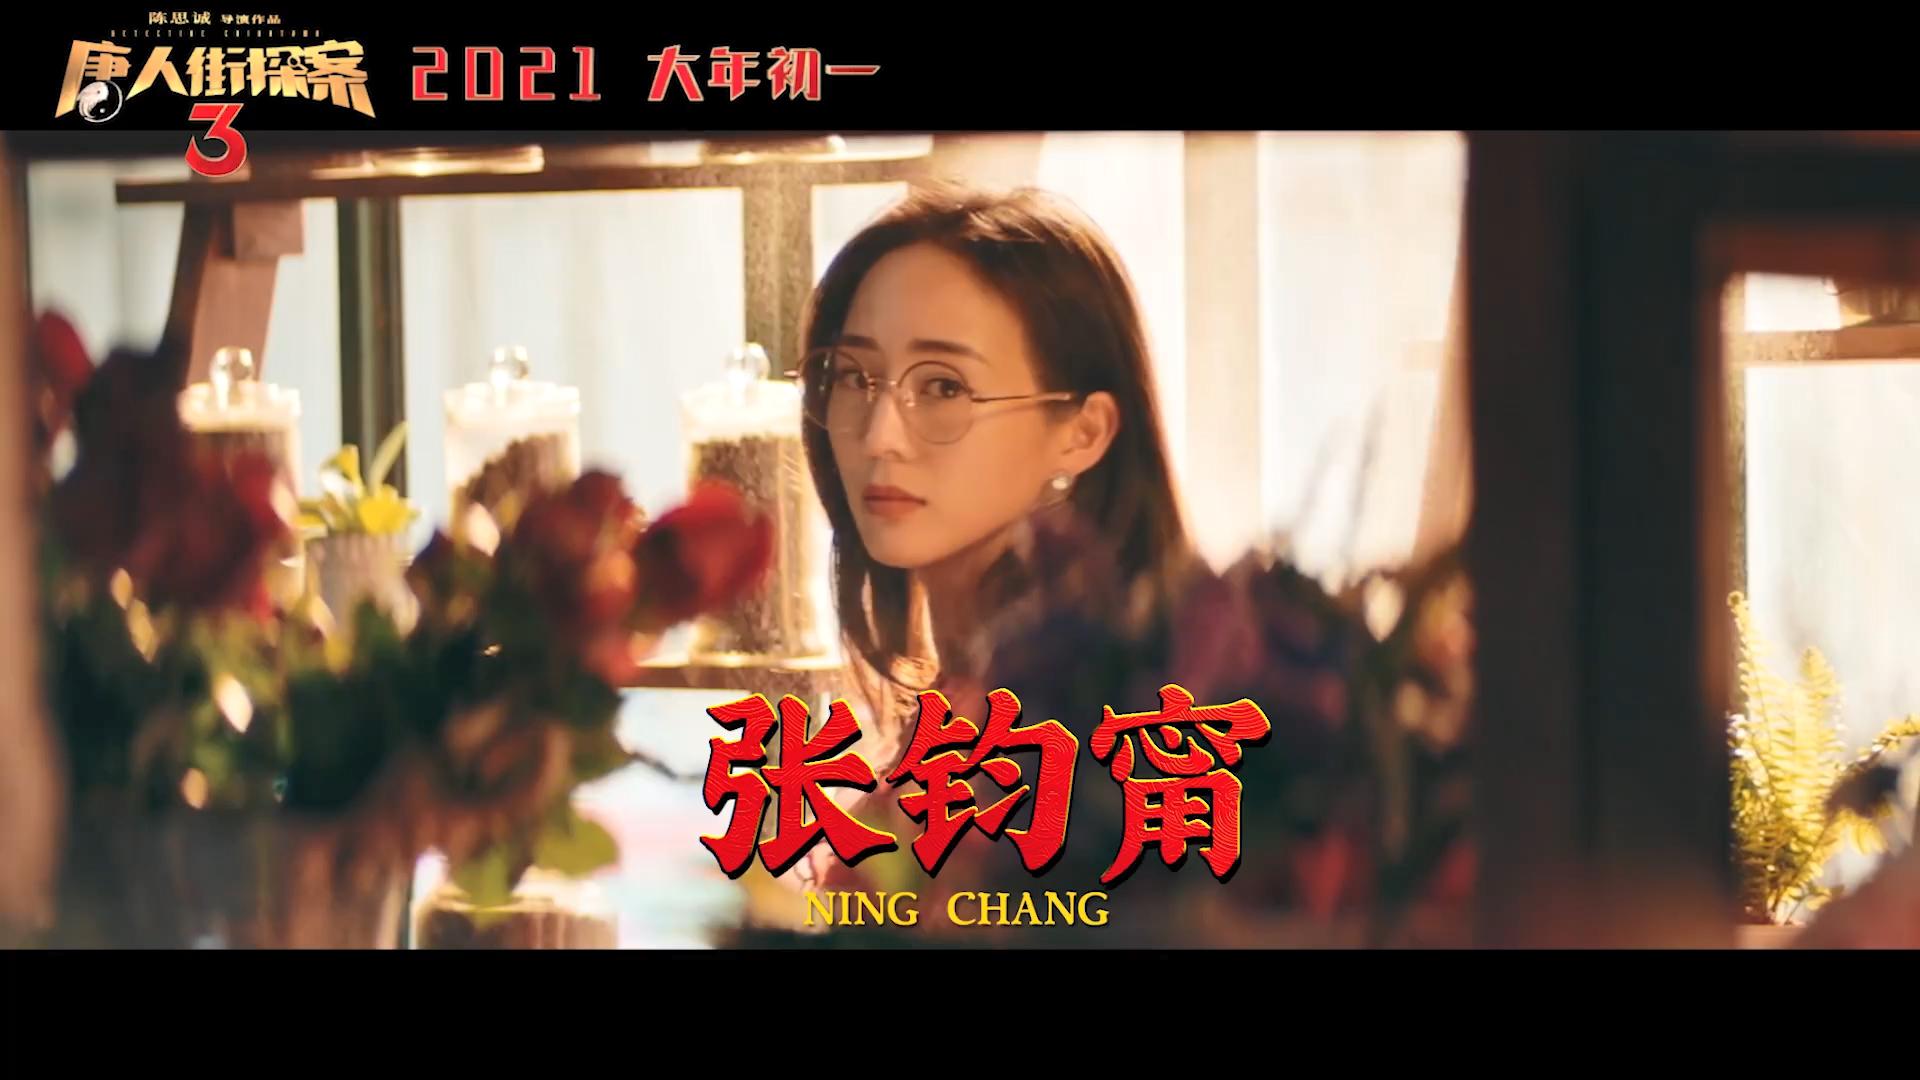 电影《唐人街探案3》发布终极预告—迅雷下载1080p.BD中英双字幕高清下载